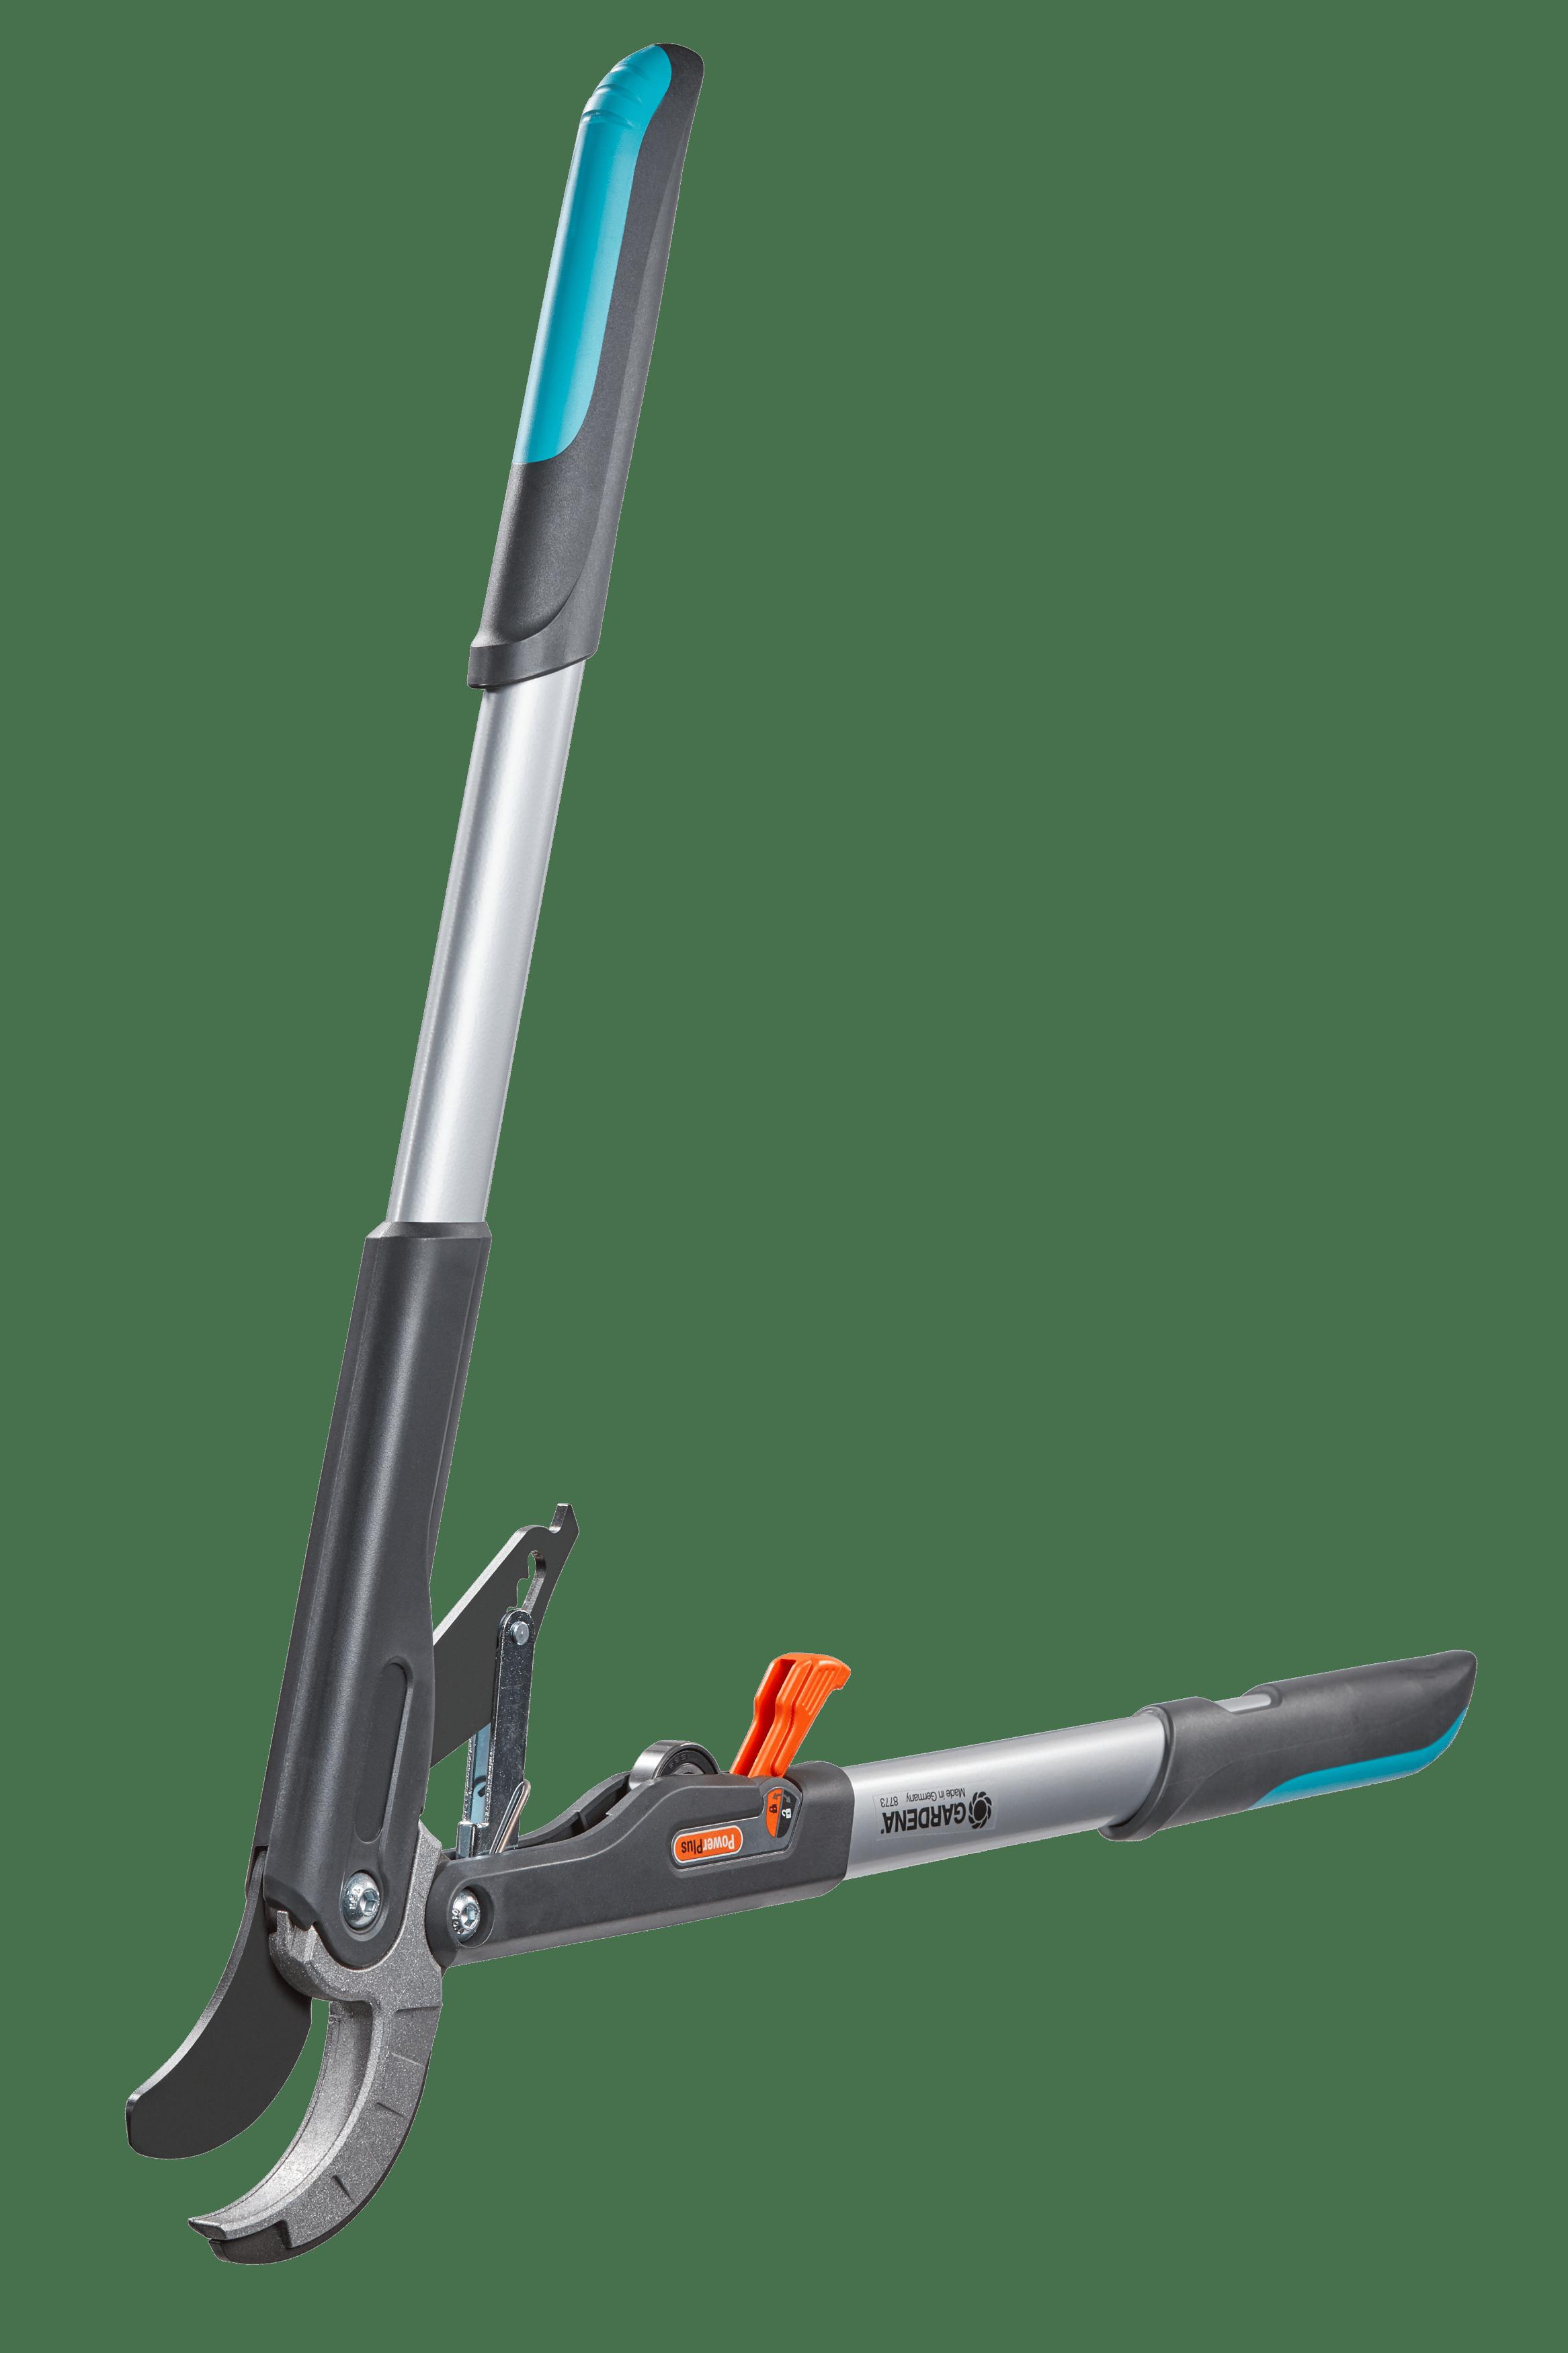 Gardena Réducteur Ø 8-6 mm 7321